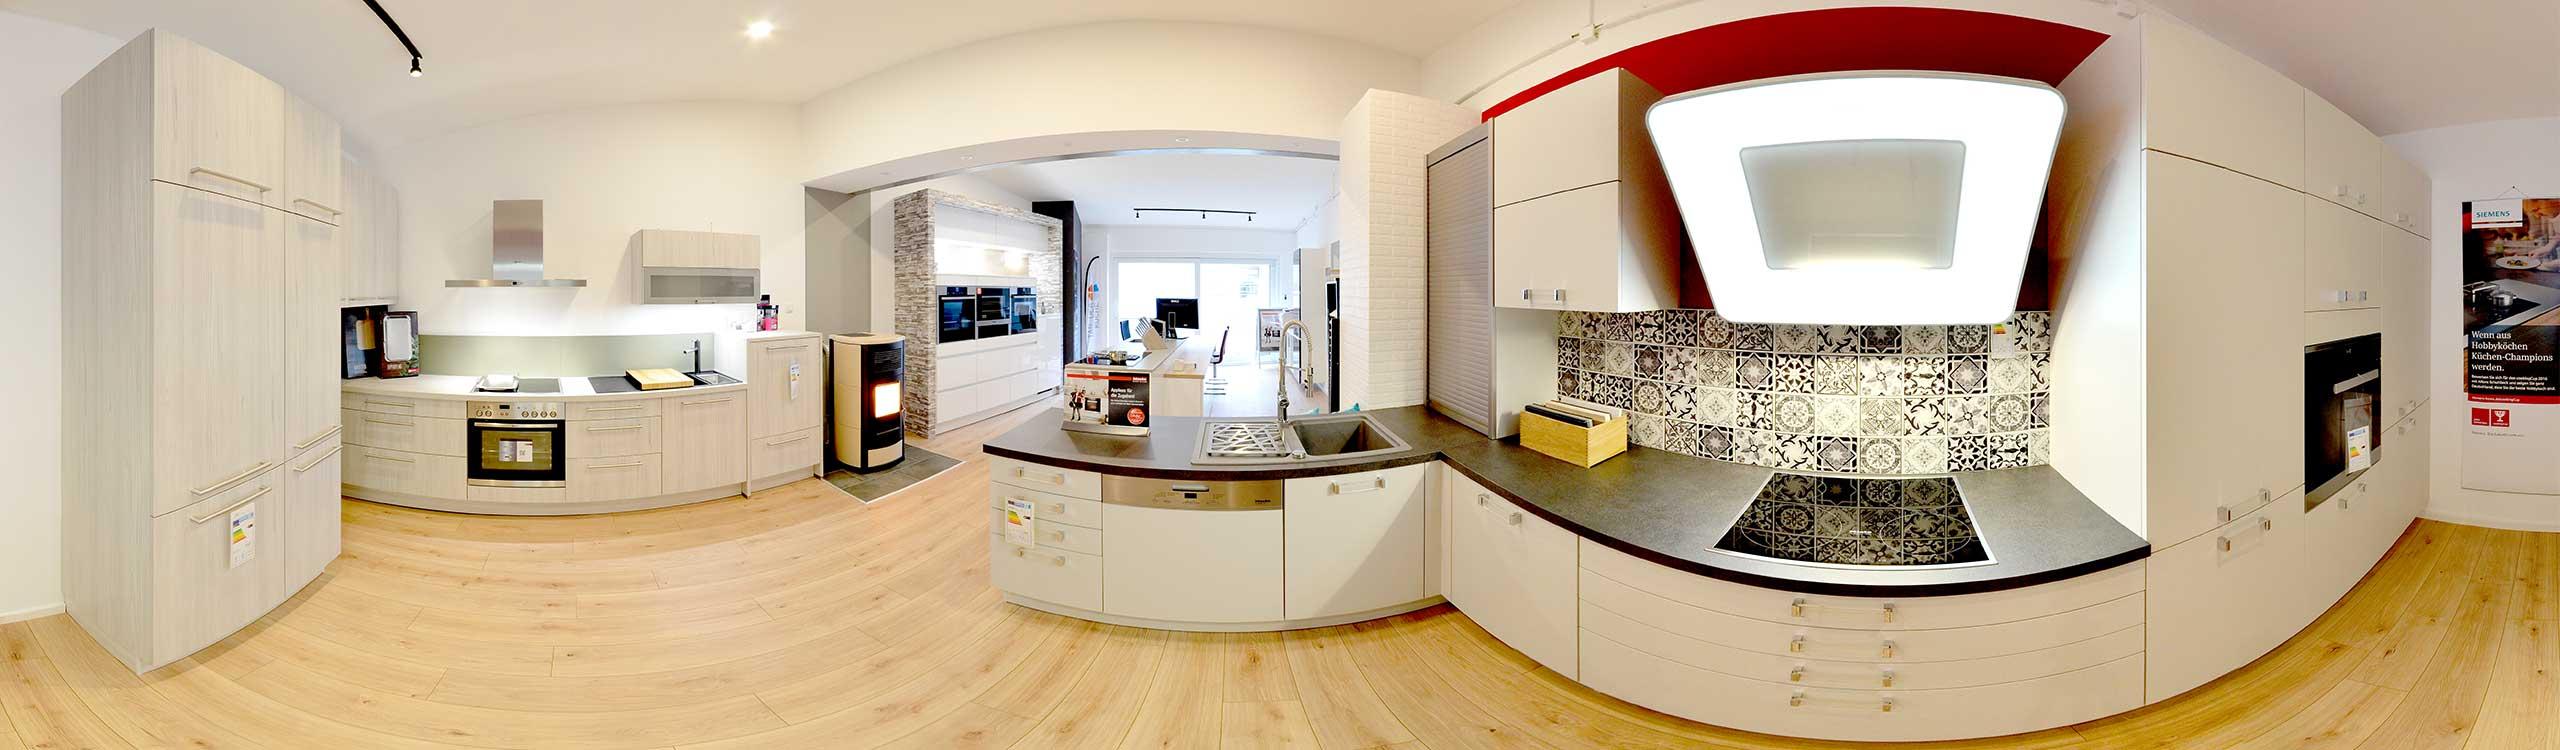 Küchenstudio Vinopal – 360 Grad virtueller Rundgang